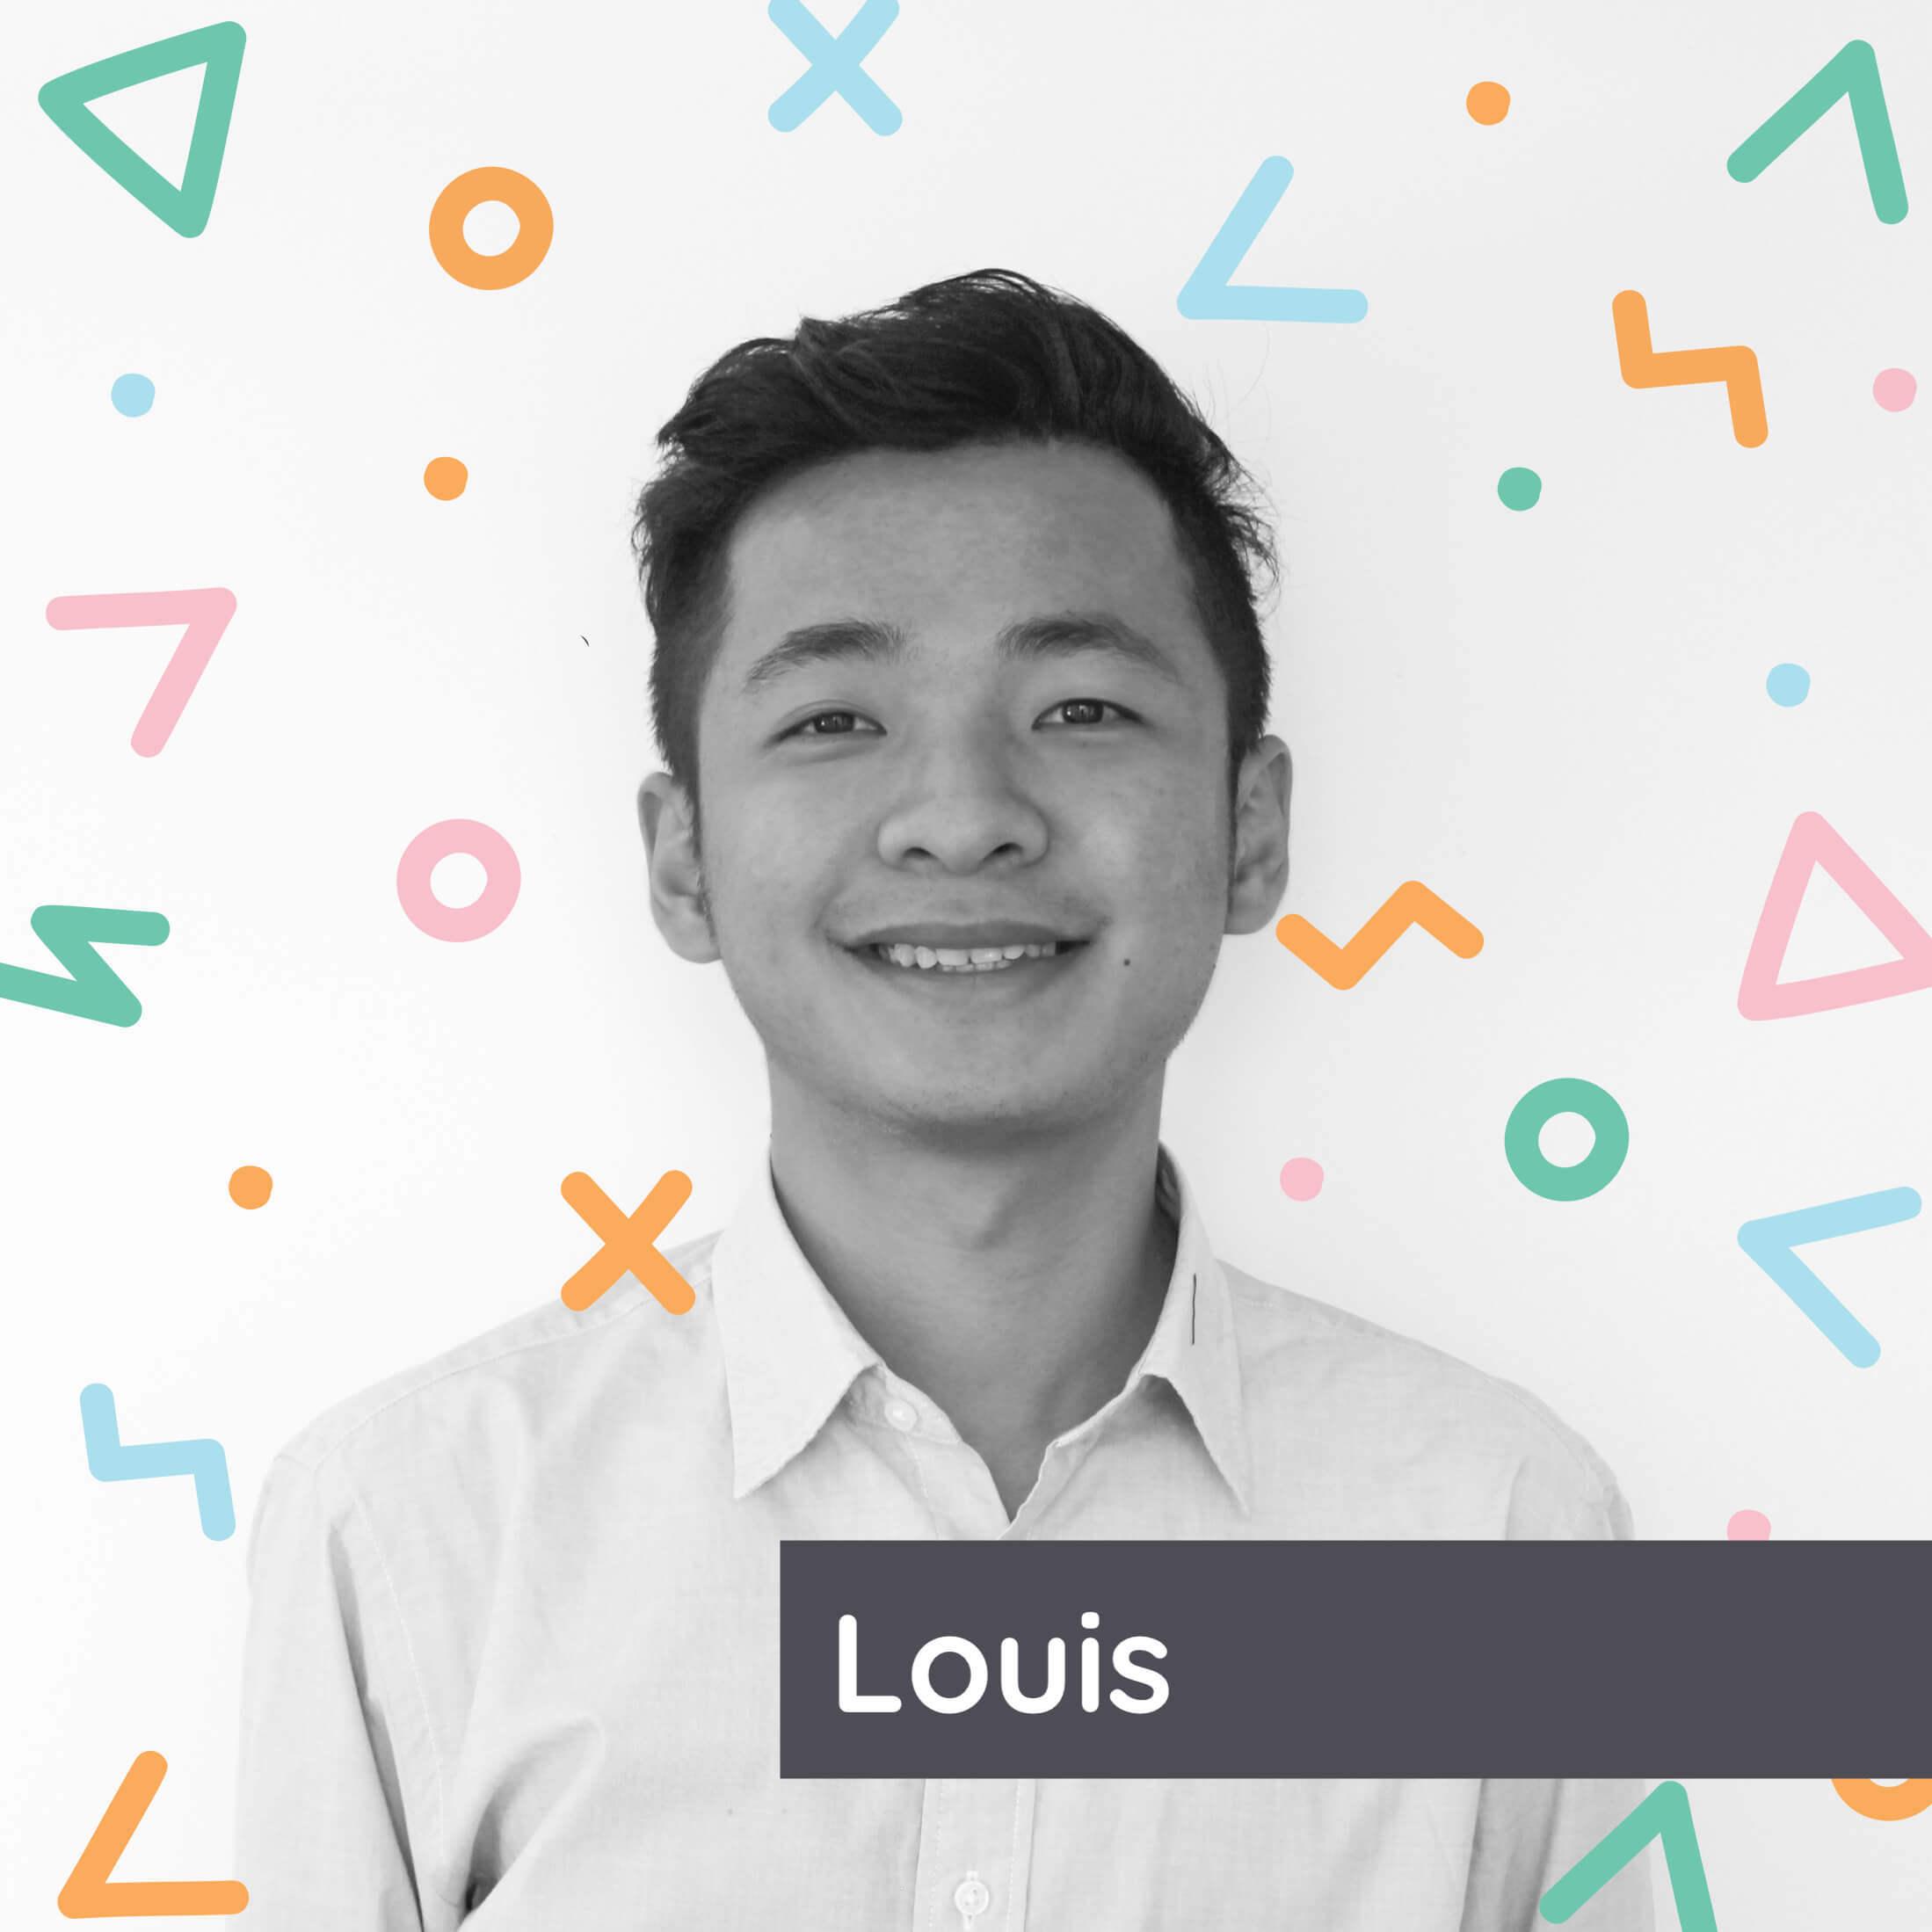 Loius_LGC